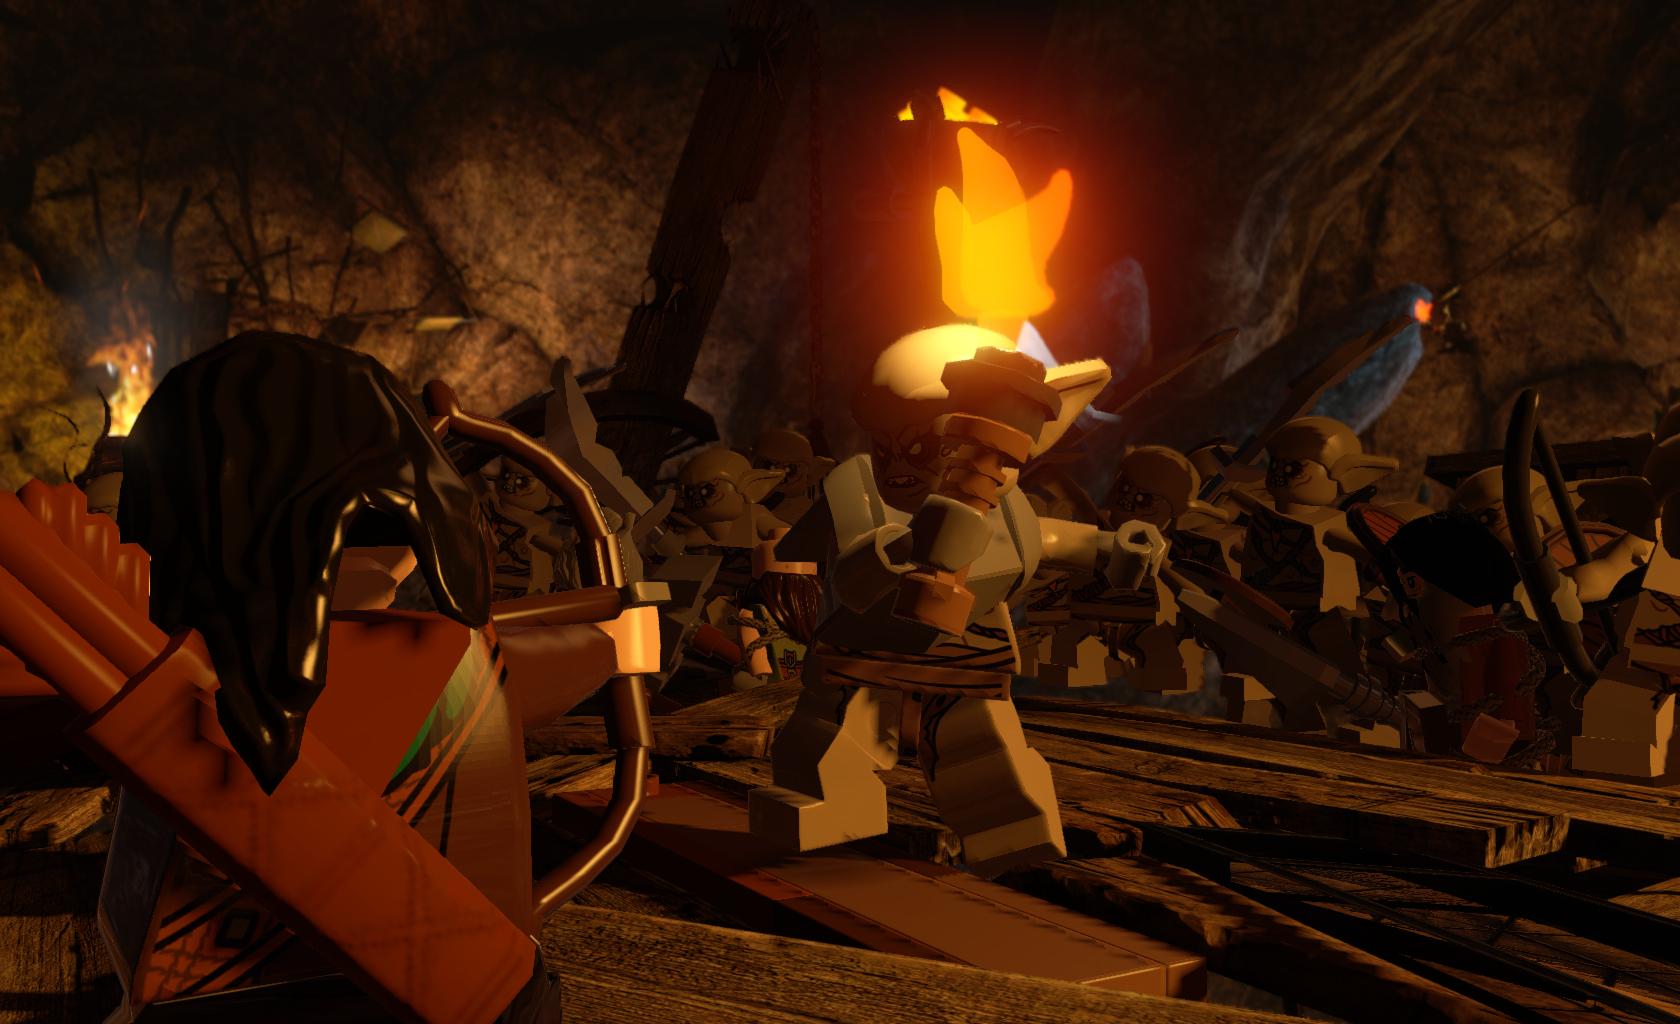 Lego The Hobbit desktop wallpaper 39 of 63 Video Game Wallpapers 1680x1024